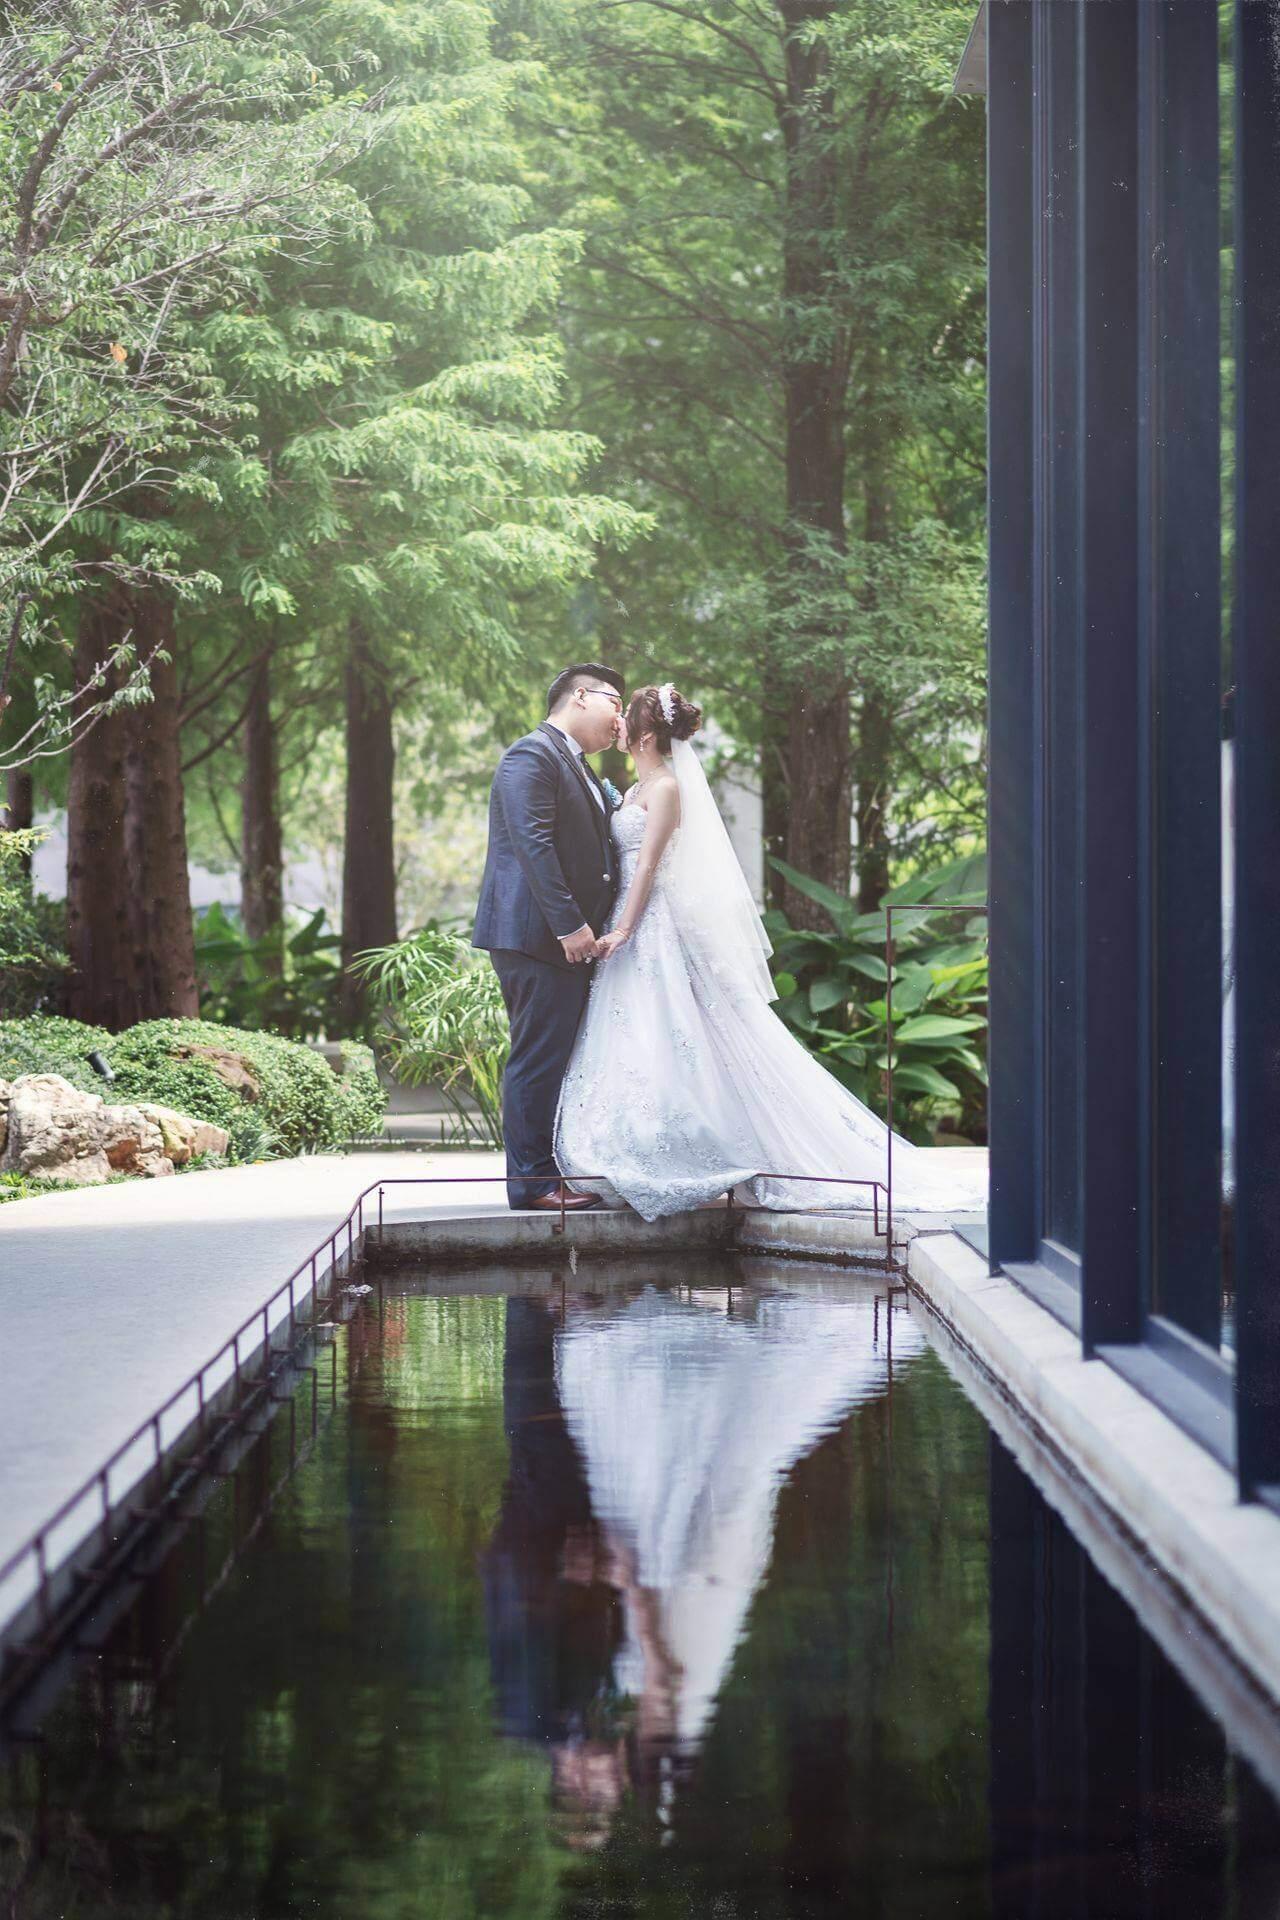 婚禮攝影 | 婚攝小光  与玥樓頂級粵菜餐廳